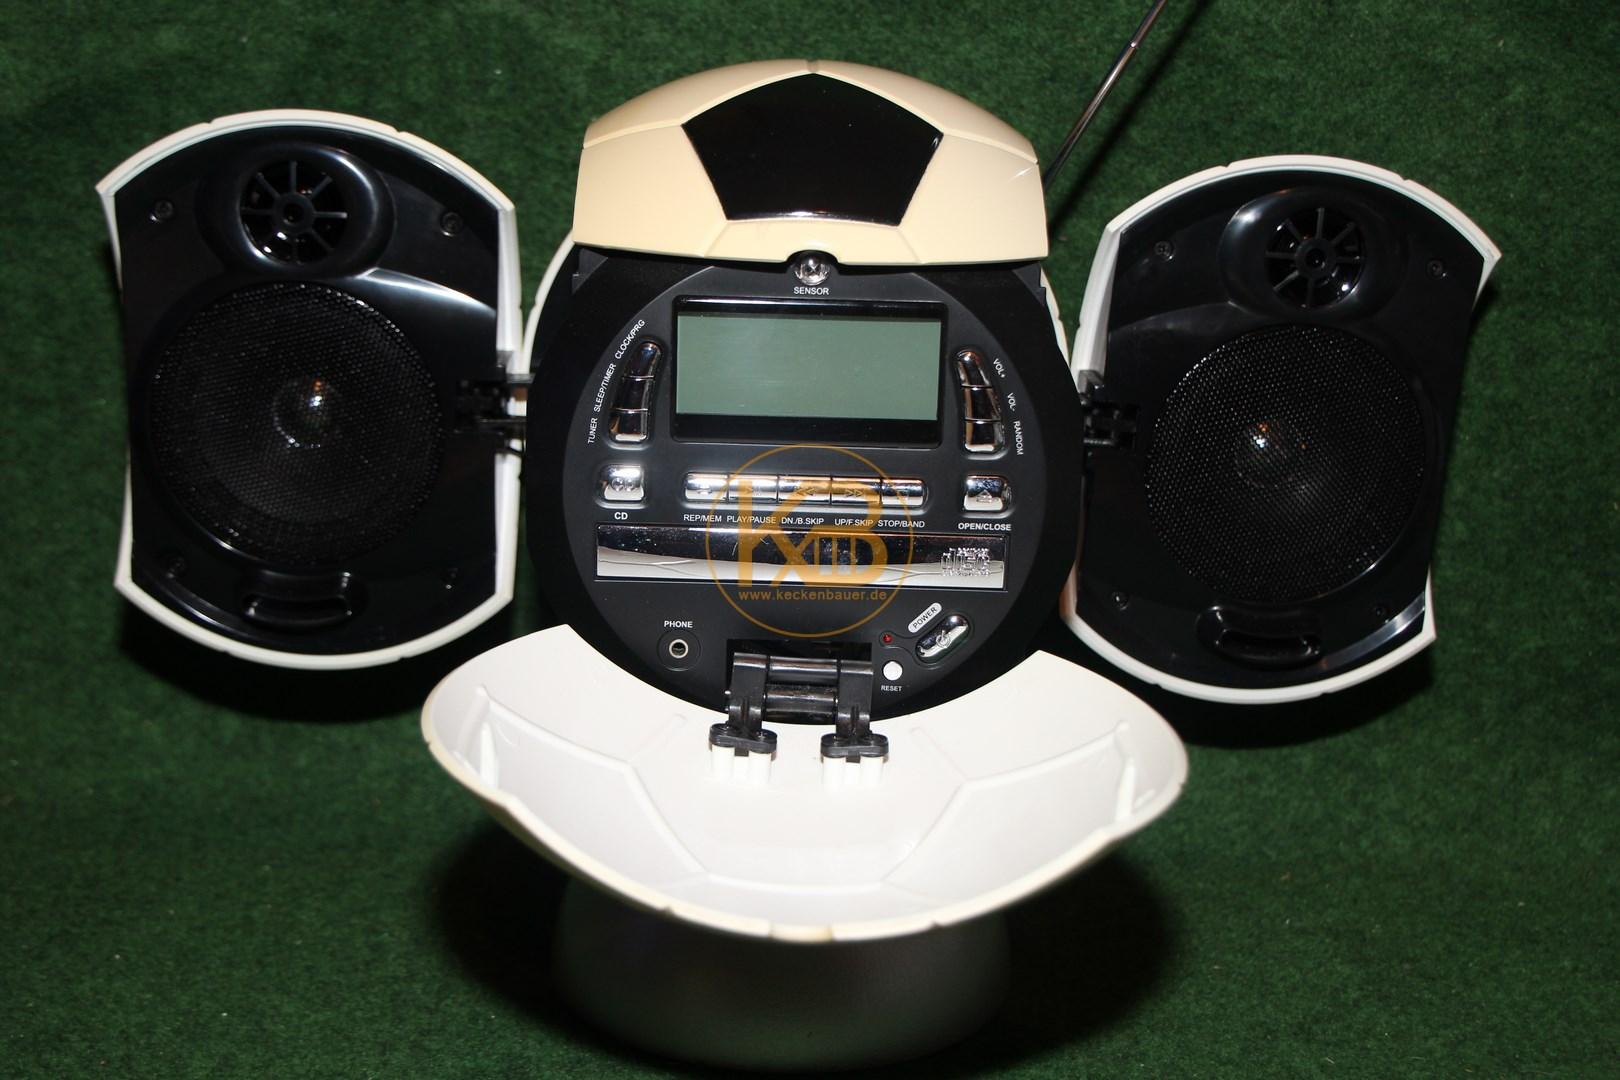 Radio-Cd-Player in Form eines  Fußballs mit Fuß, er ist 32 cm hoch 2/2